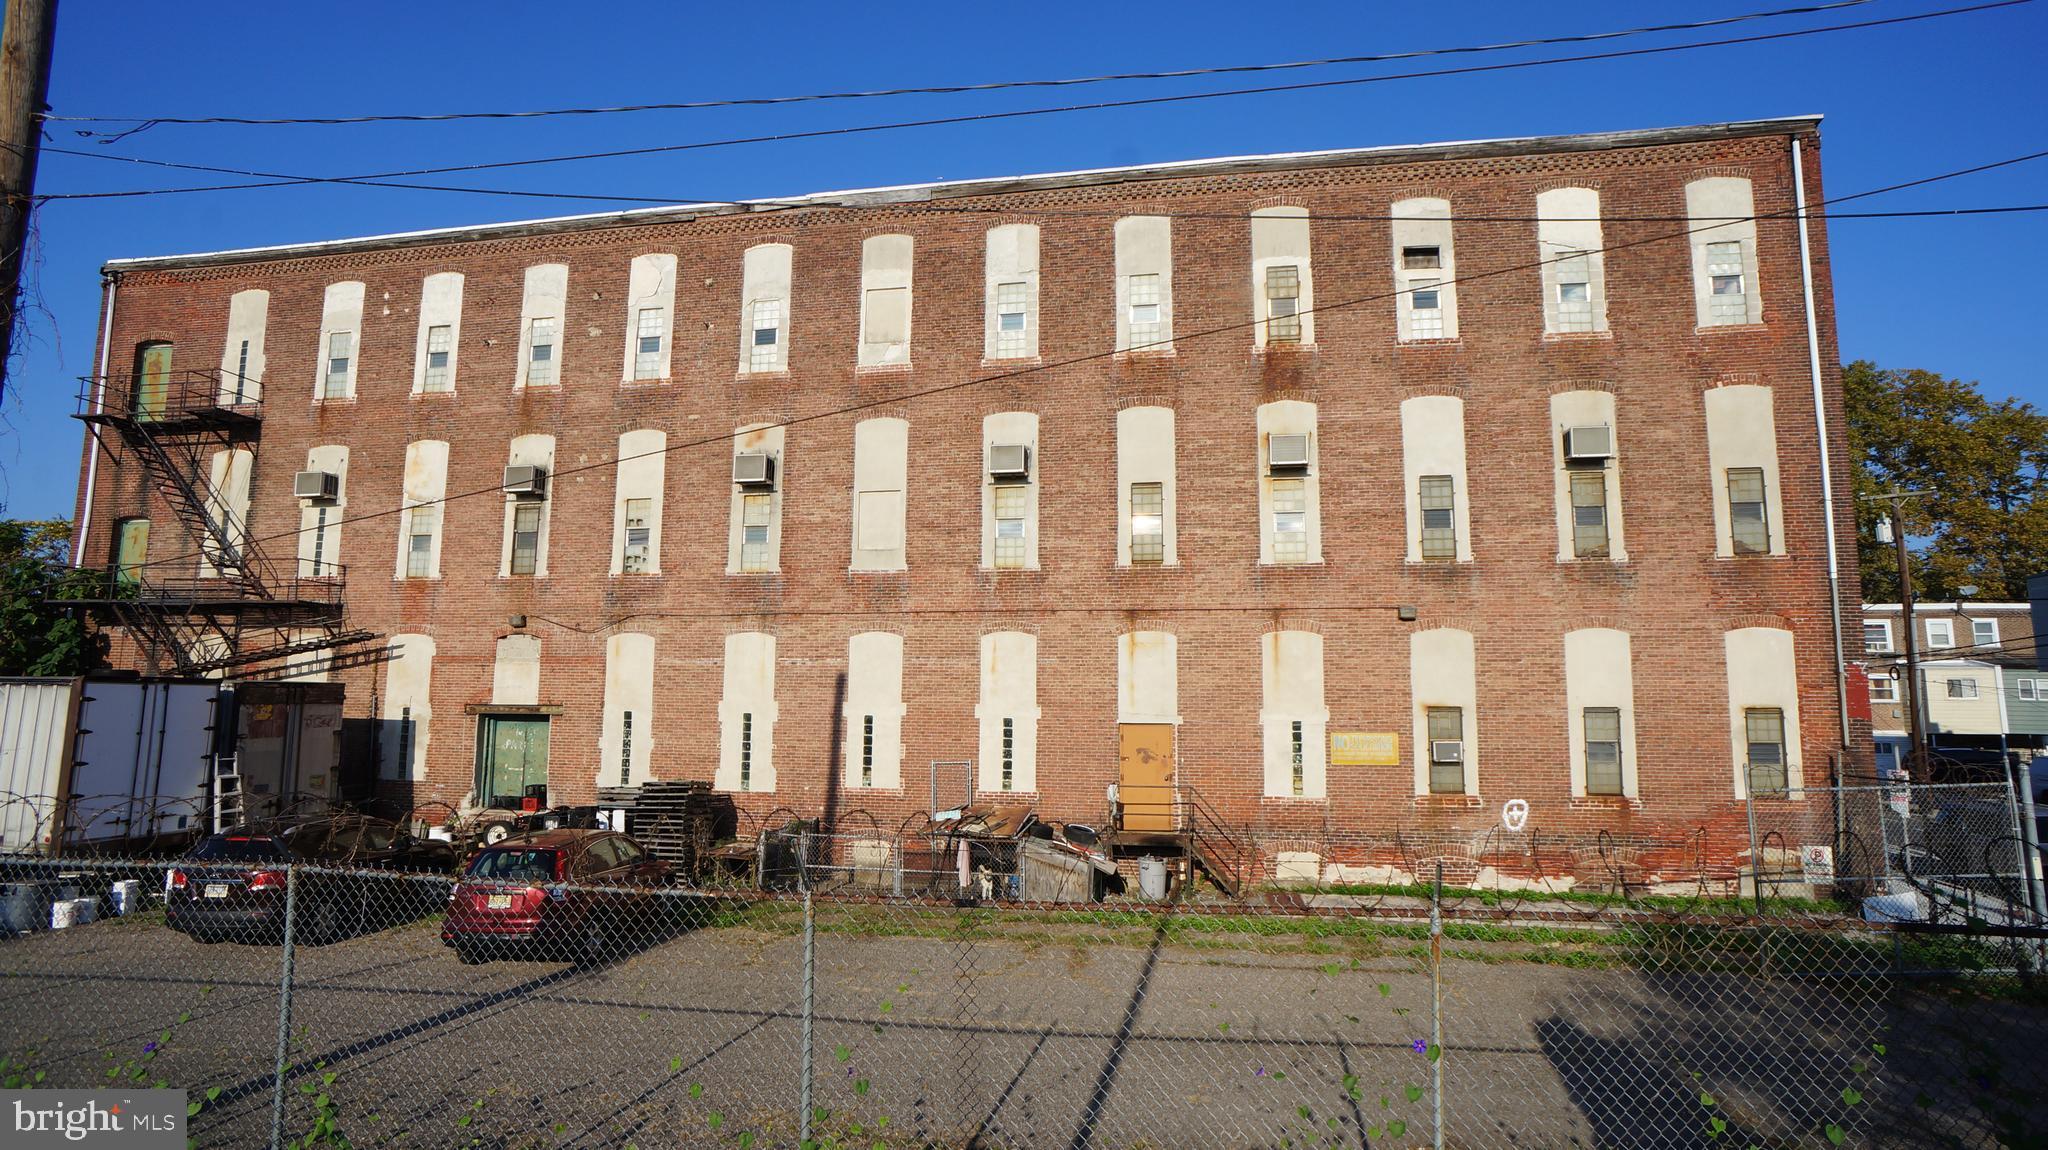 1150 ORTHODOX STREET, PHILADELPHIA, PA 19124